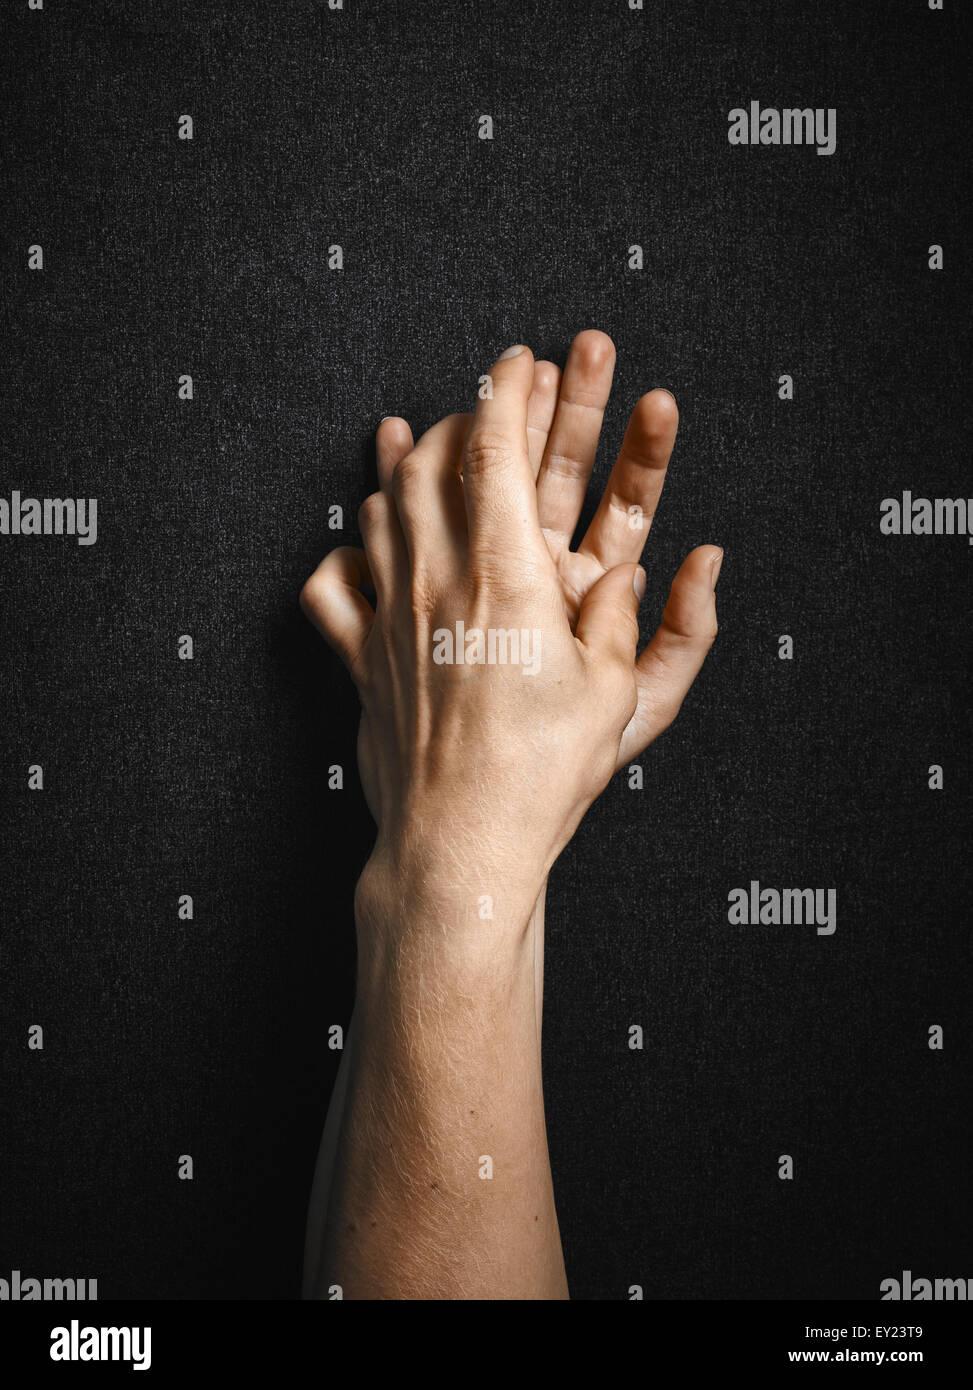 Mann und Frau, Leinwand Hände verbinden, dunklen Hintergrund Stockbild